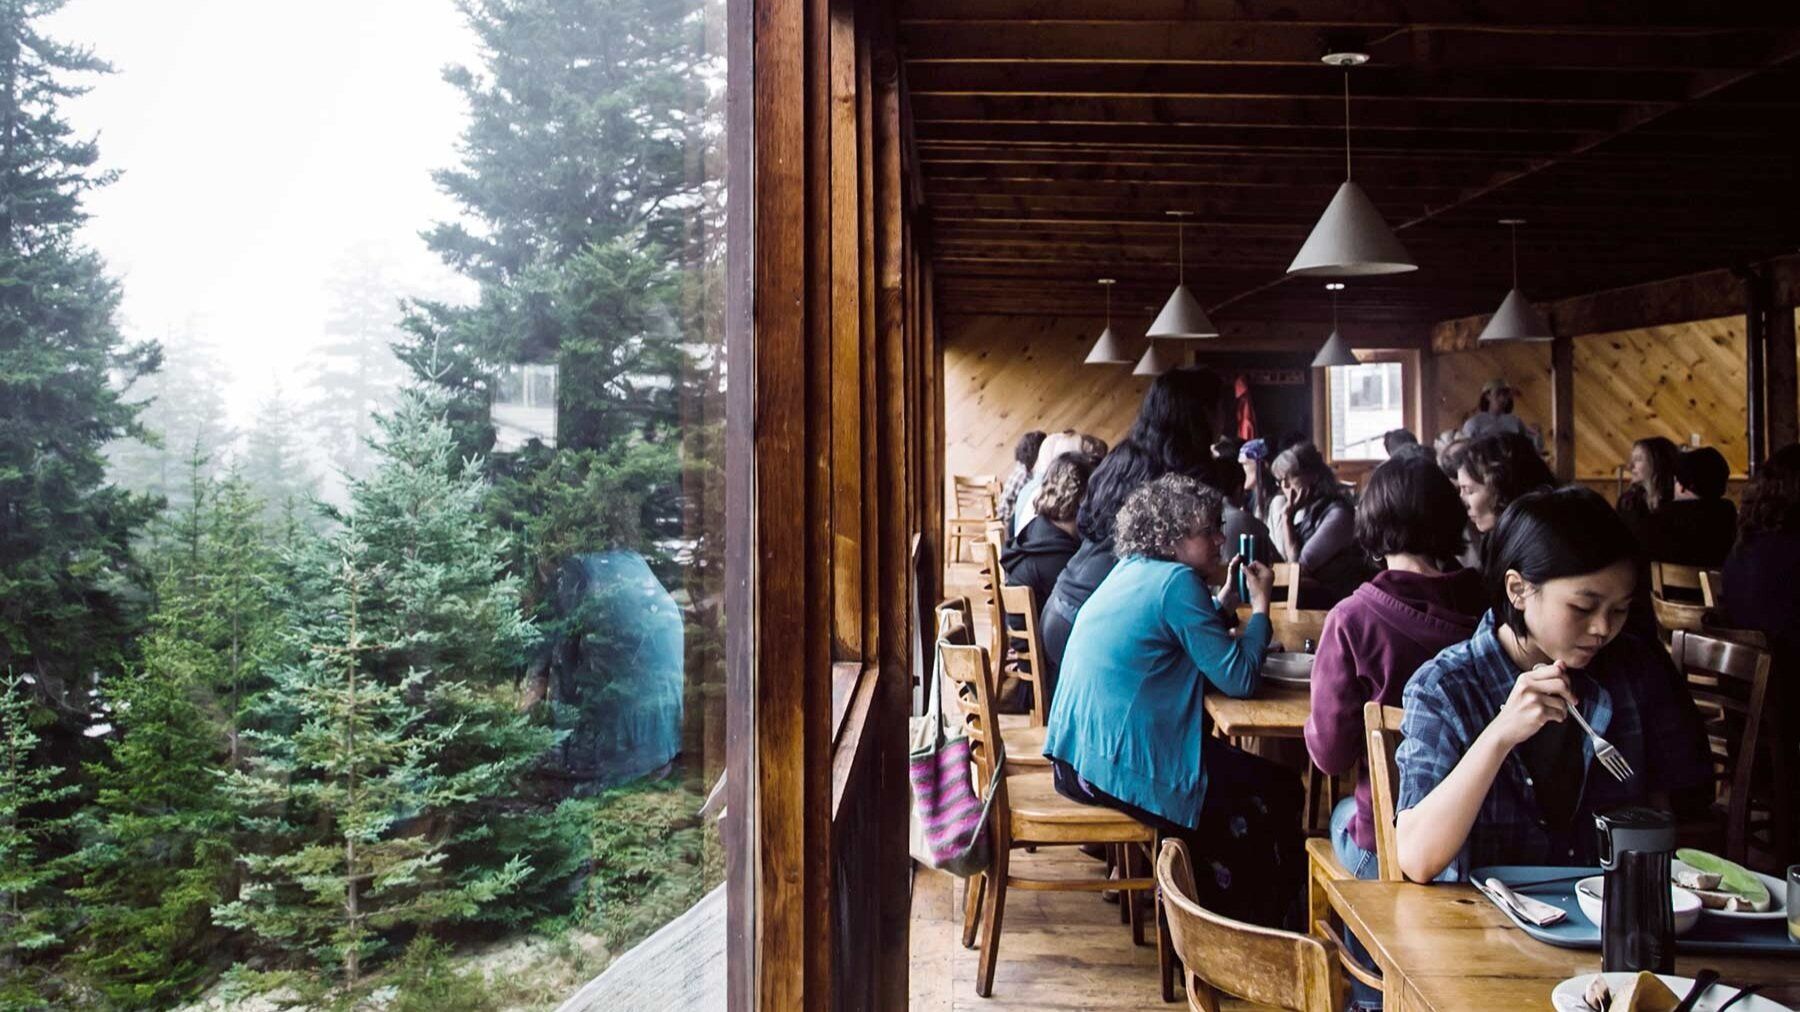 Workshop participants dining together at Haystack